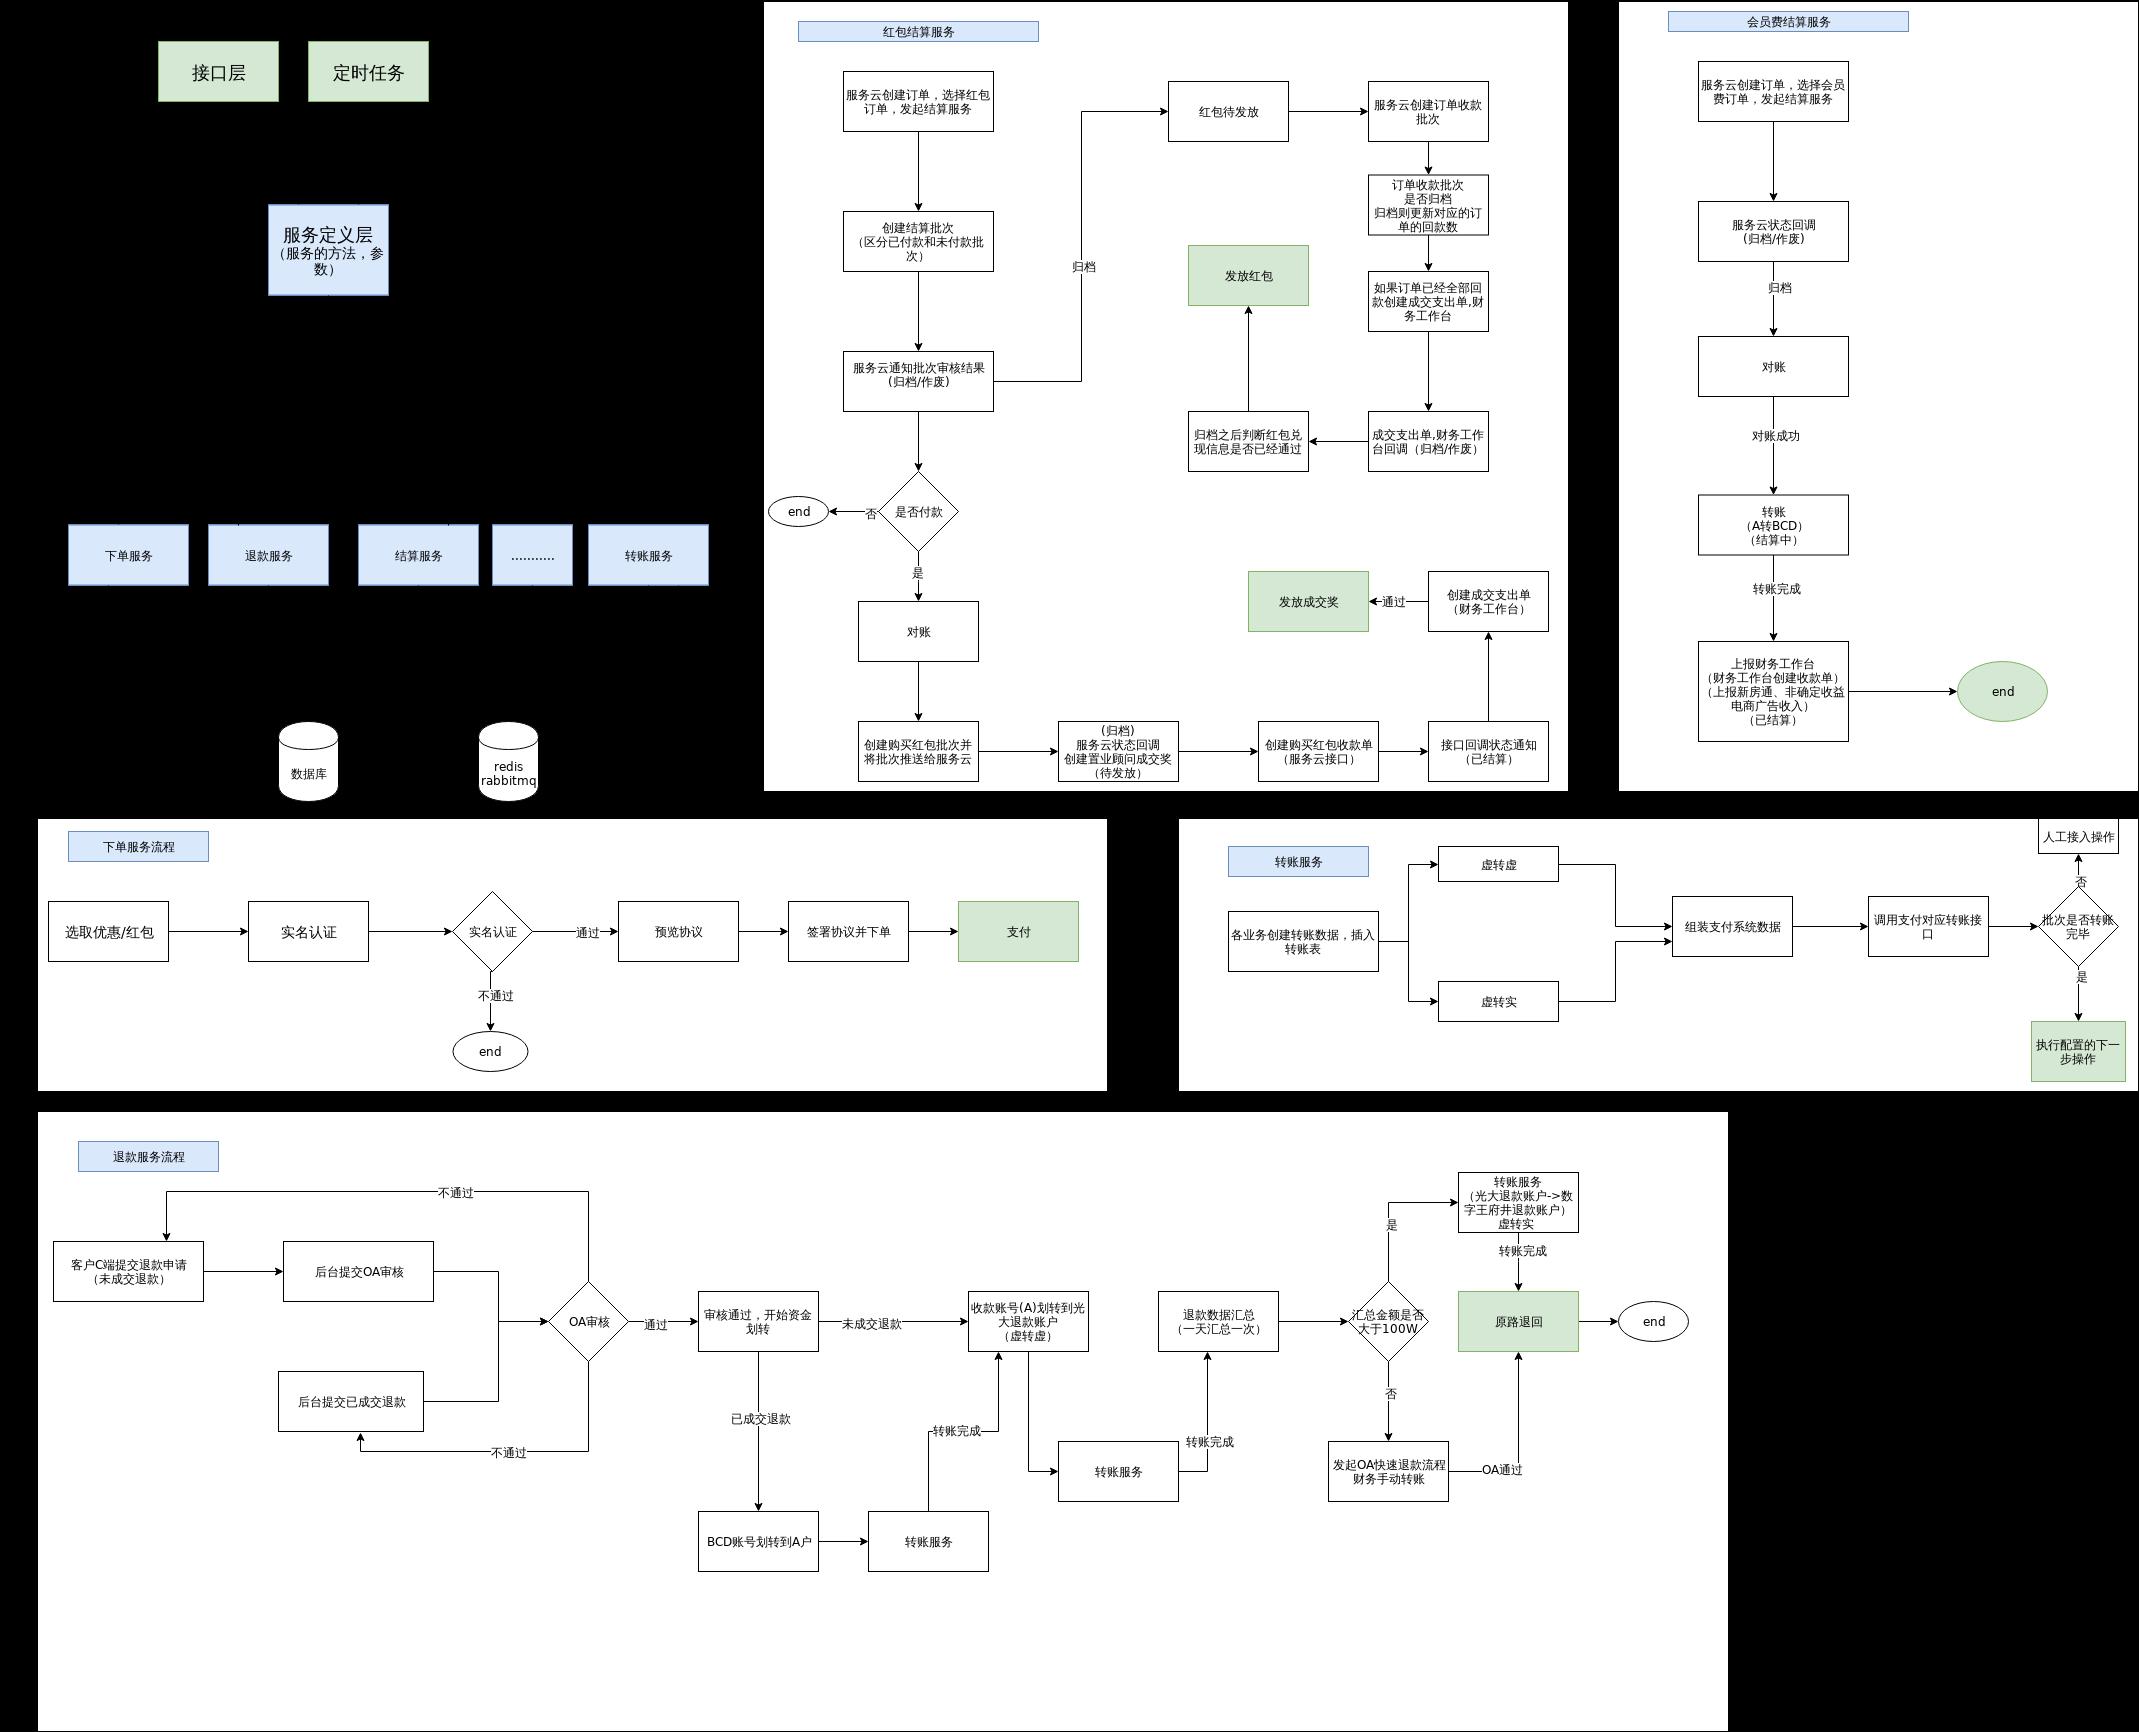 系统架构流程图